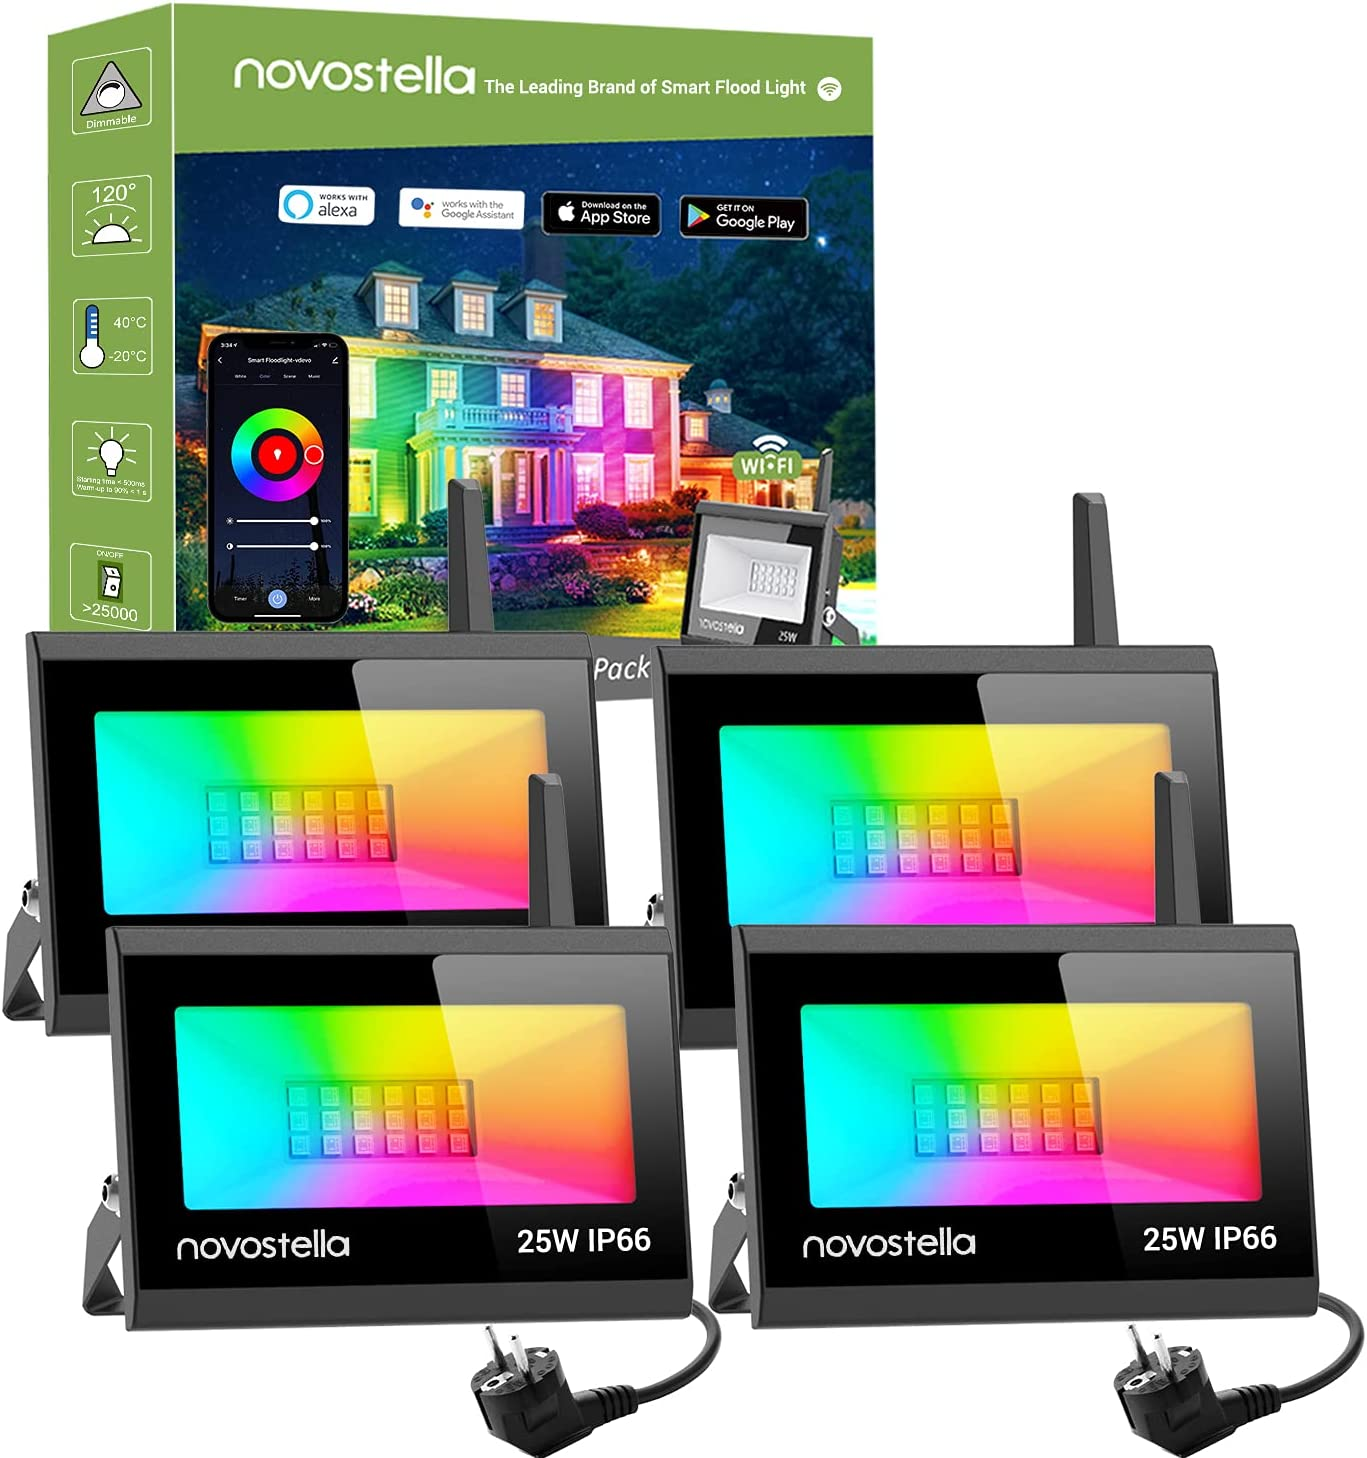 Novostella Blaze Focos LED RGB WiFi Exterior 25W, 4 Piezas Luz de Inundación Multicolor Inteligente Control APP, Compatible con Alexa y Google Home, IP66 Impermeable para Fiesta, Jardín